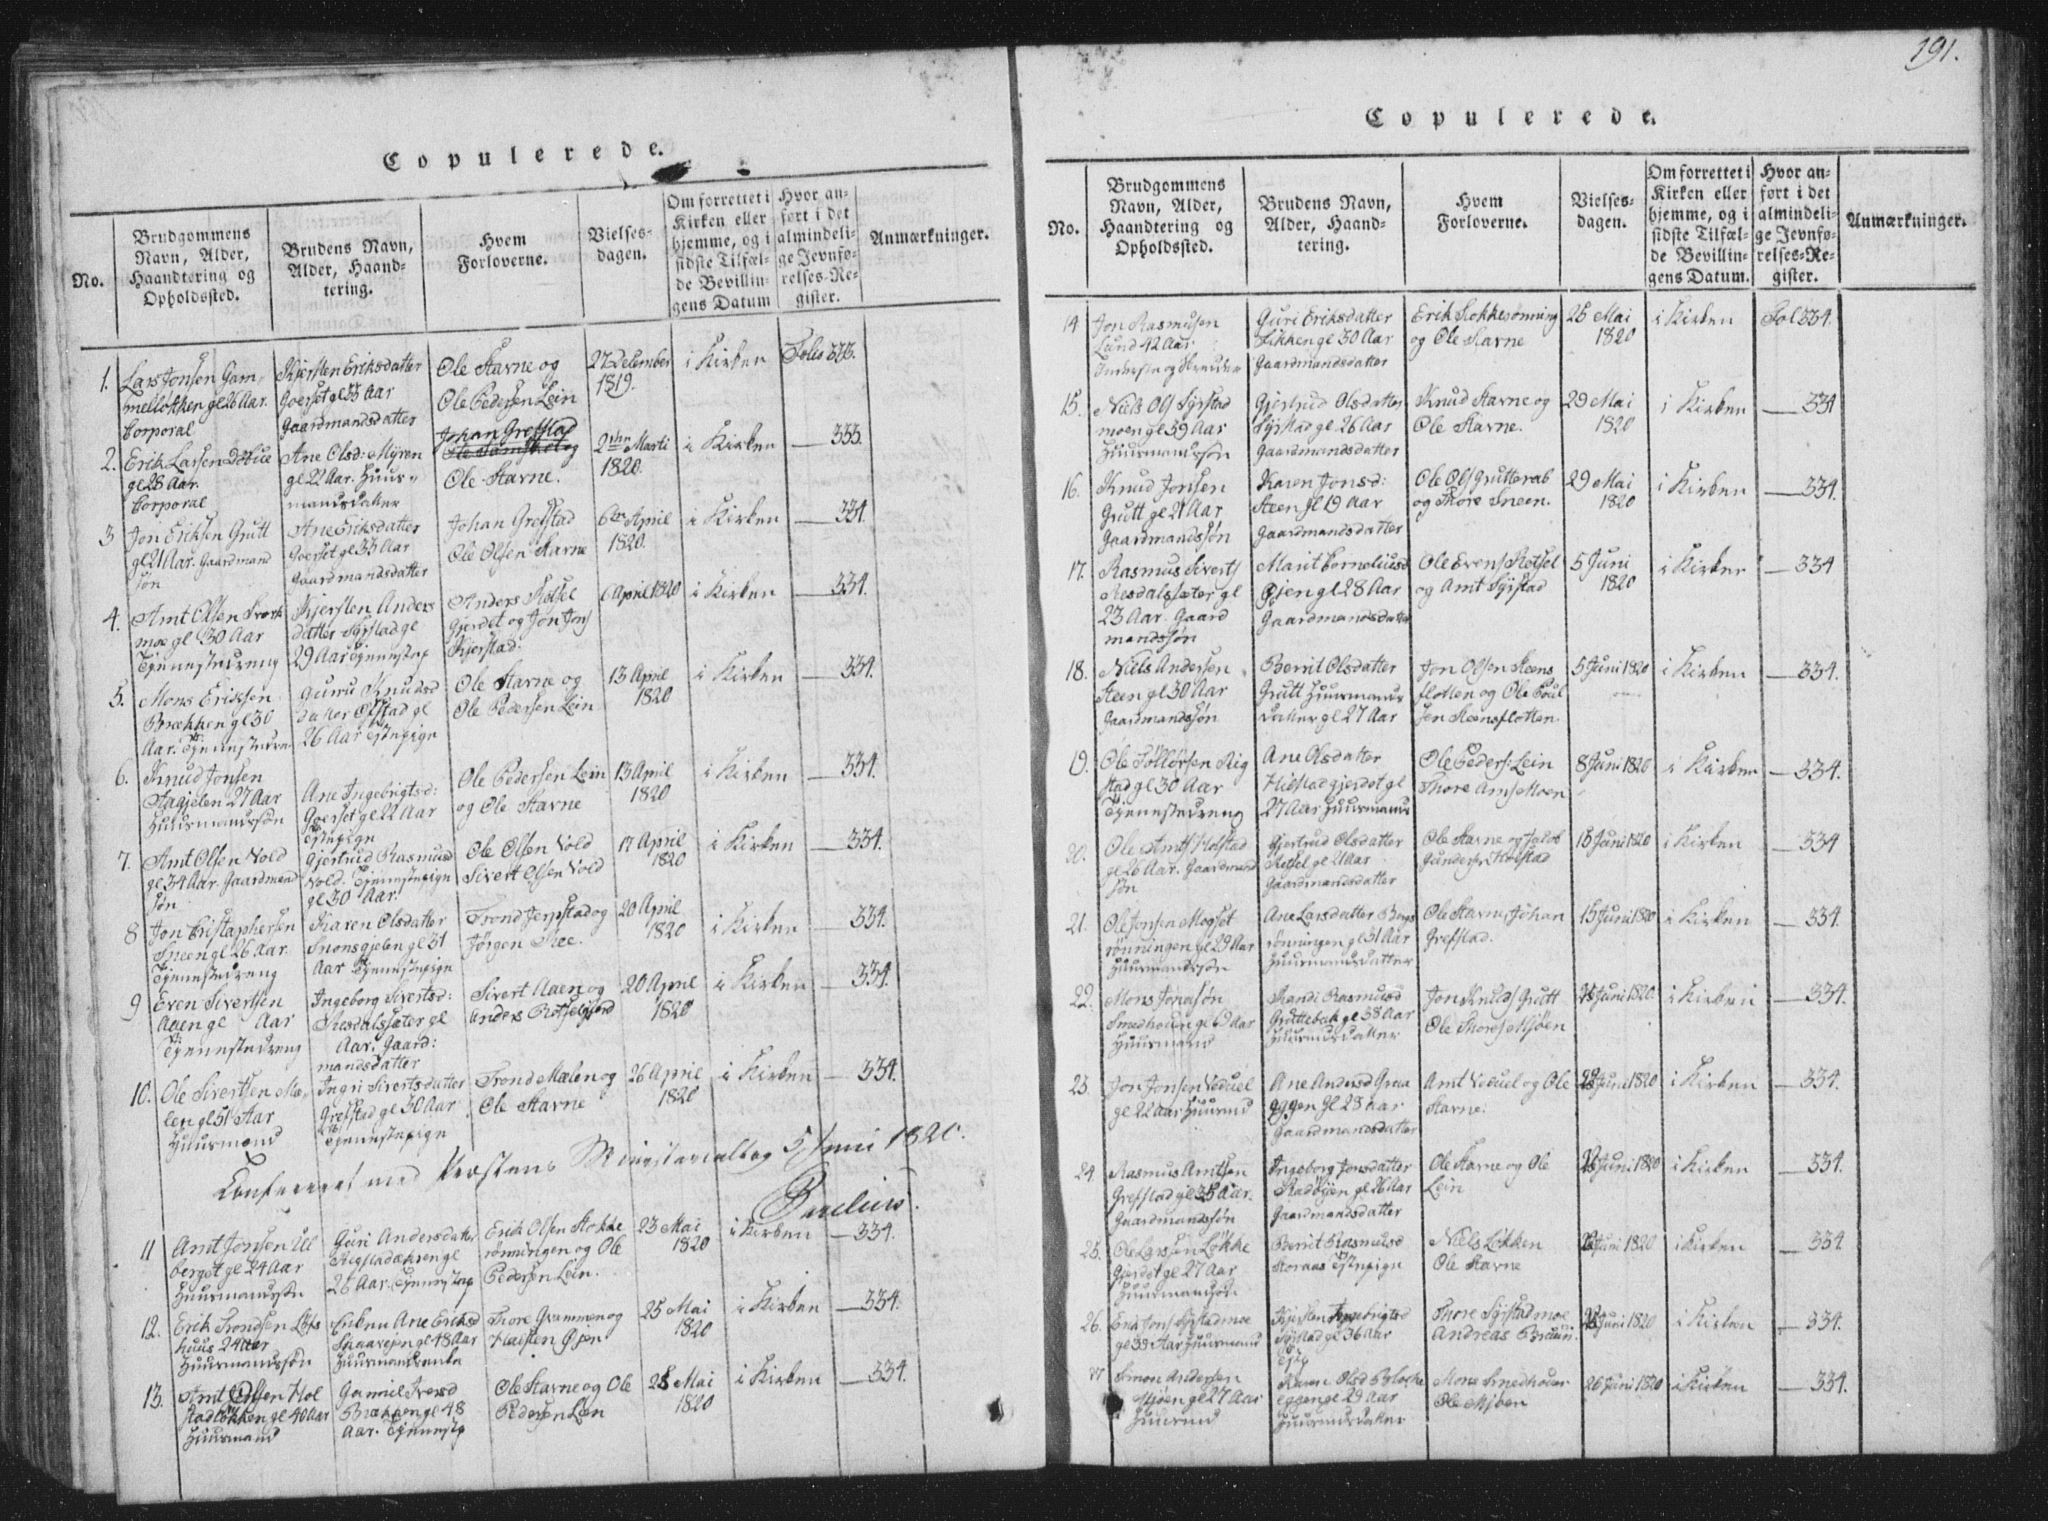 SAT, Ministerialprotokoller, klokkerbøker og fødselsregistre - Sør-Trøndelag, 672/L0862: Klokkerbok nr. 672C01, 1816-1831, s. 191